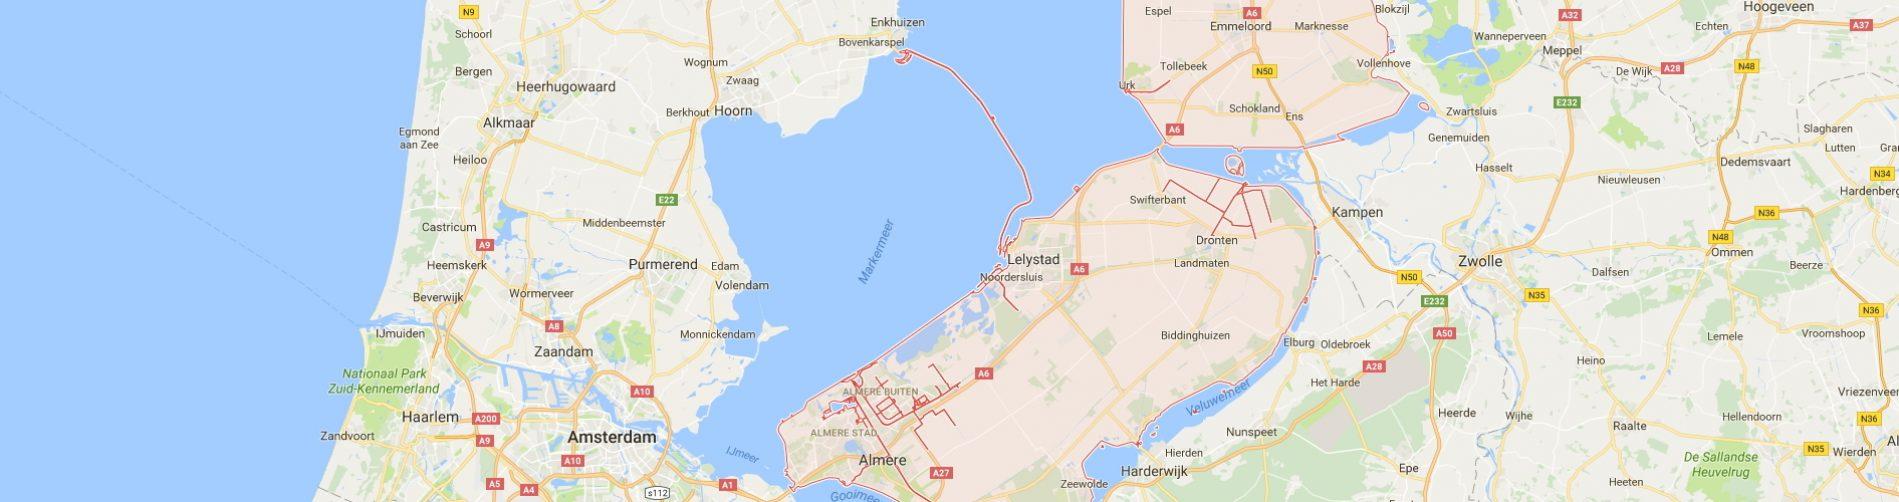 Particuliere Thuiszorg Nederland in Flevoland